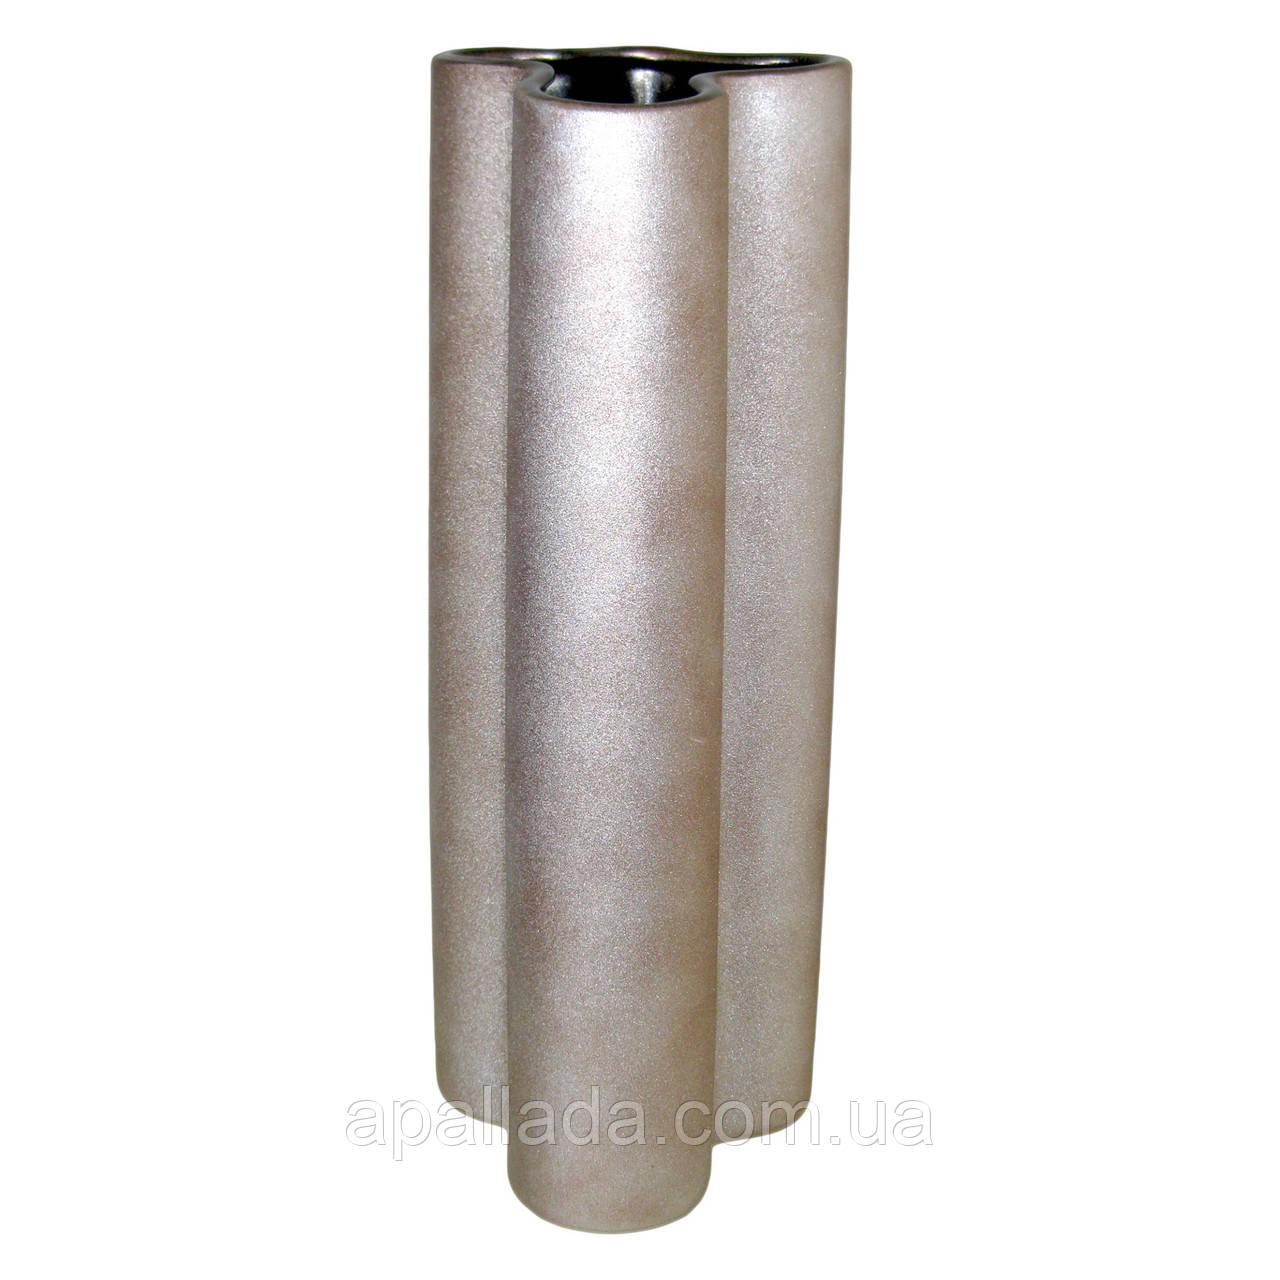 Ваза керамическая цвета серебра